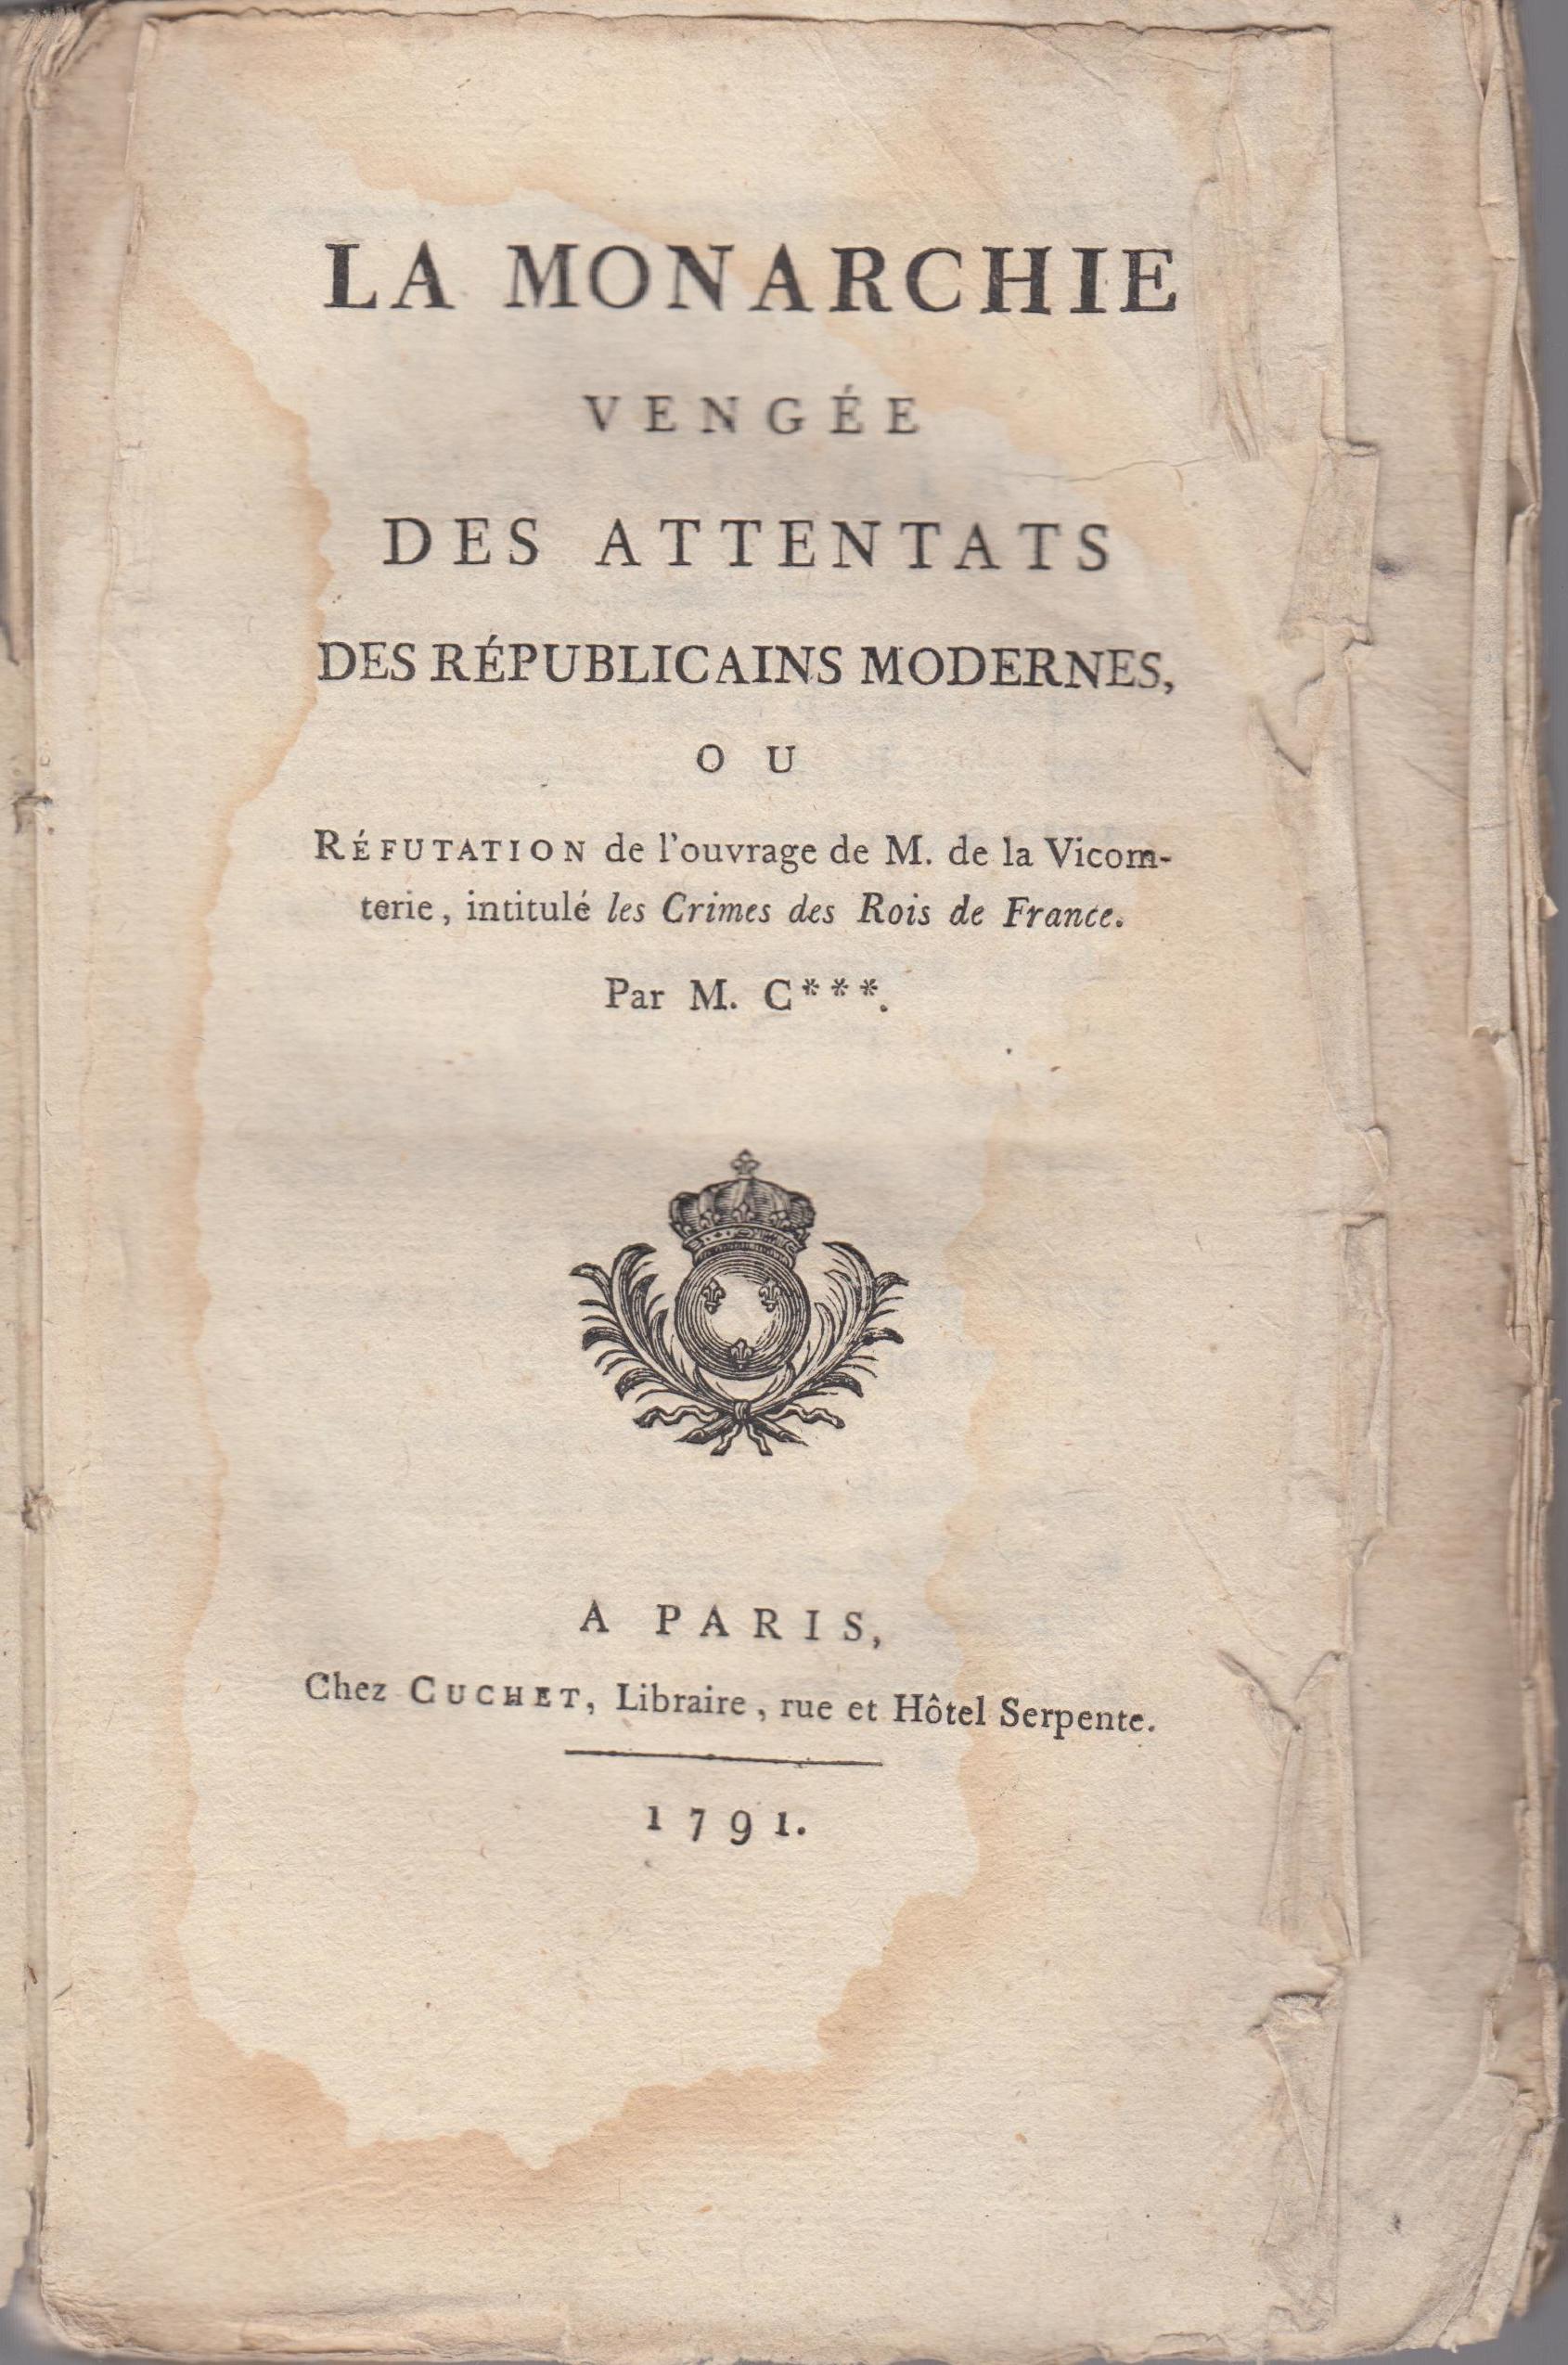 La monarchie vengée des attentats des républicains modernes, ou réfutation de l'ouvrage de M de La Vicomterie, intitulé Les crimes des rois de France [suivi de] Les trois ages de Louis XVI [auteur : Anonyme] [éditeur : Cuchet] [année : 1791]